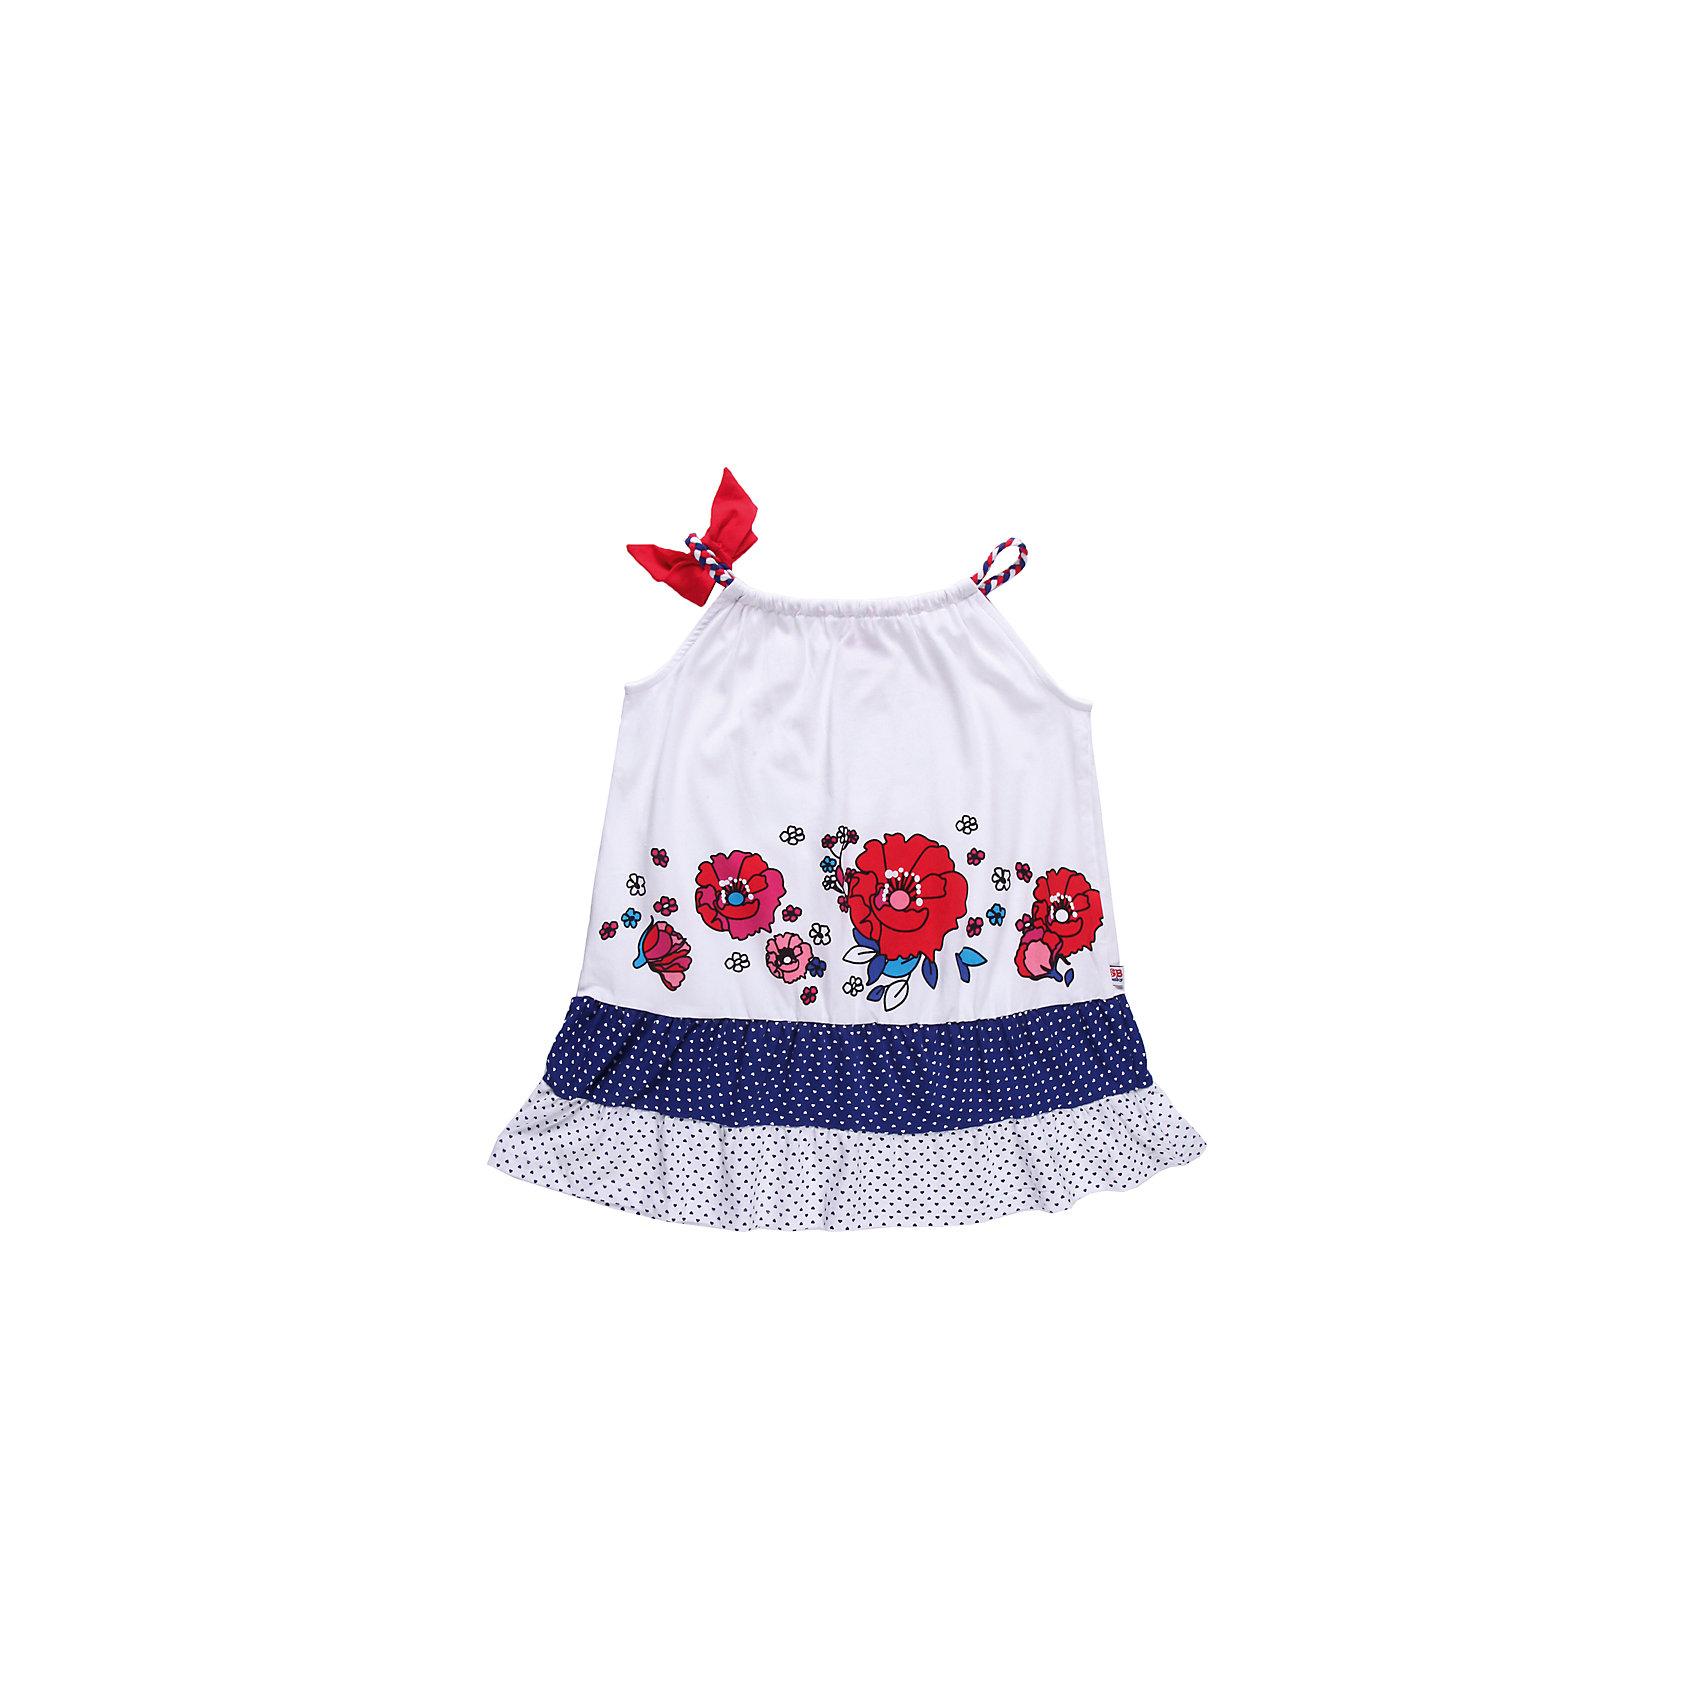 Платье для девочки Sweet BerryРомантичное платье, украшенное оборками и принтованными цветами<br>Состав:<br>95% хлопок, 5% эластан<br><br>Ширина мм: 236<br>Глубина мм: 16<br>Высота мм: 184<br>Вес г: 177<br>Цвет: синий/красный<br>Возраст от месяцев: 9<br>Возраст до месяцев: 12<br>Пол: Женский<br>Возраст: Детский<br>Размер: 80,98,86,92<br>SKU: 4520373